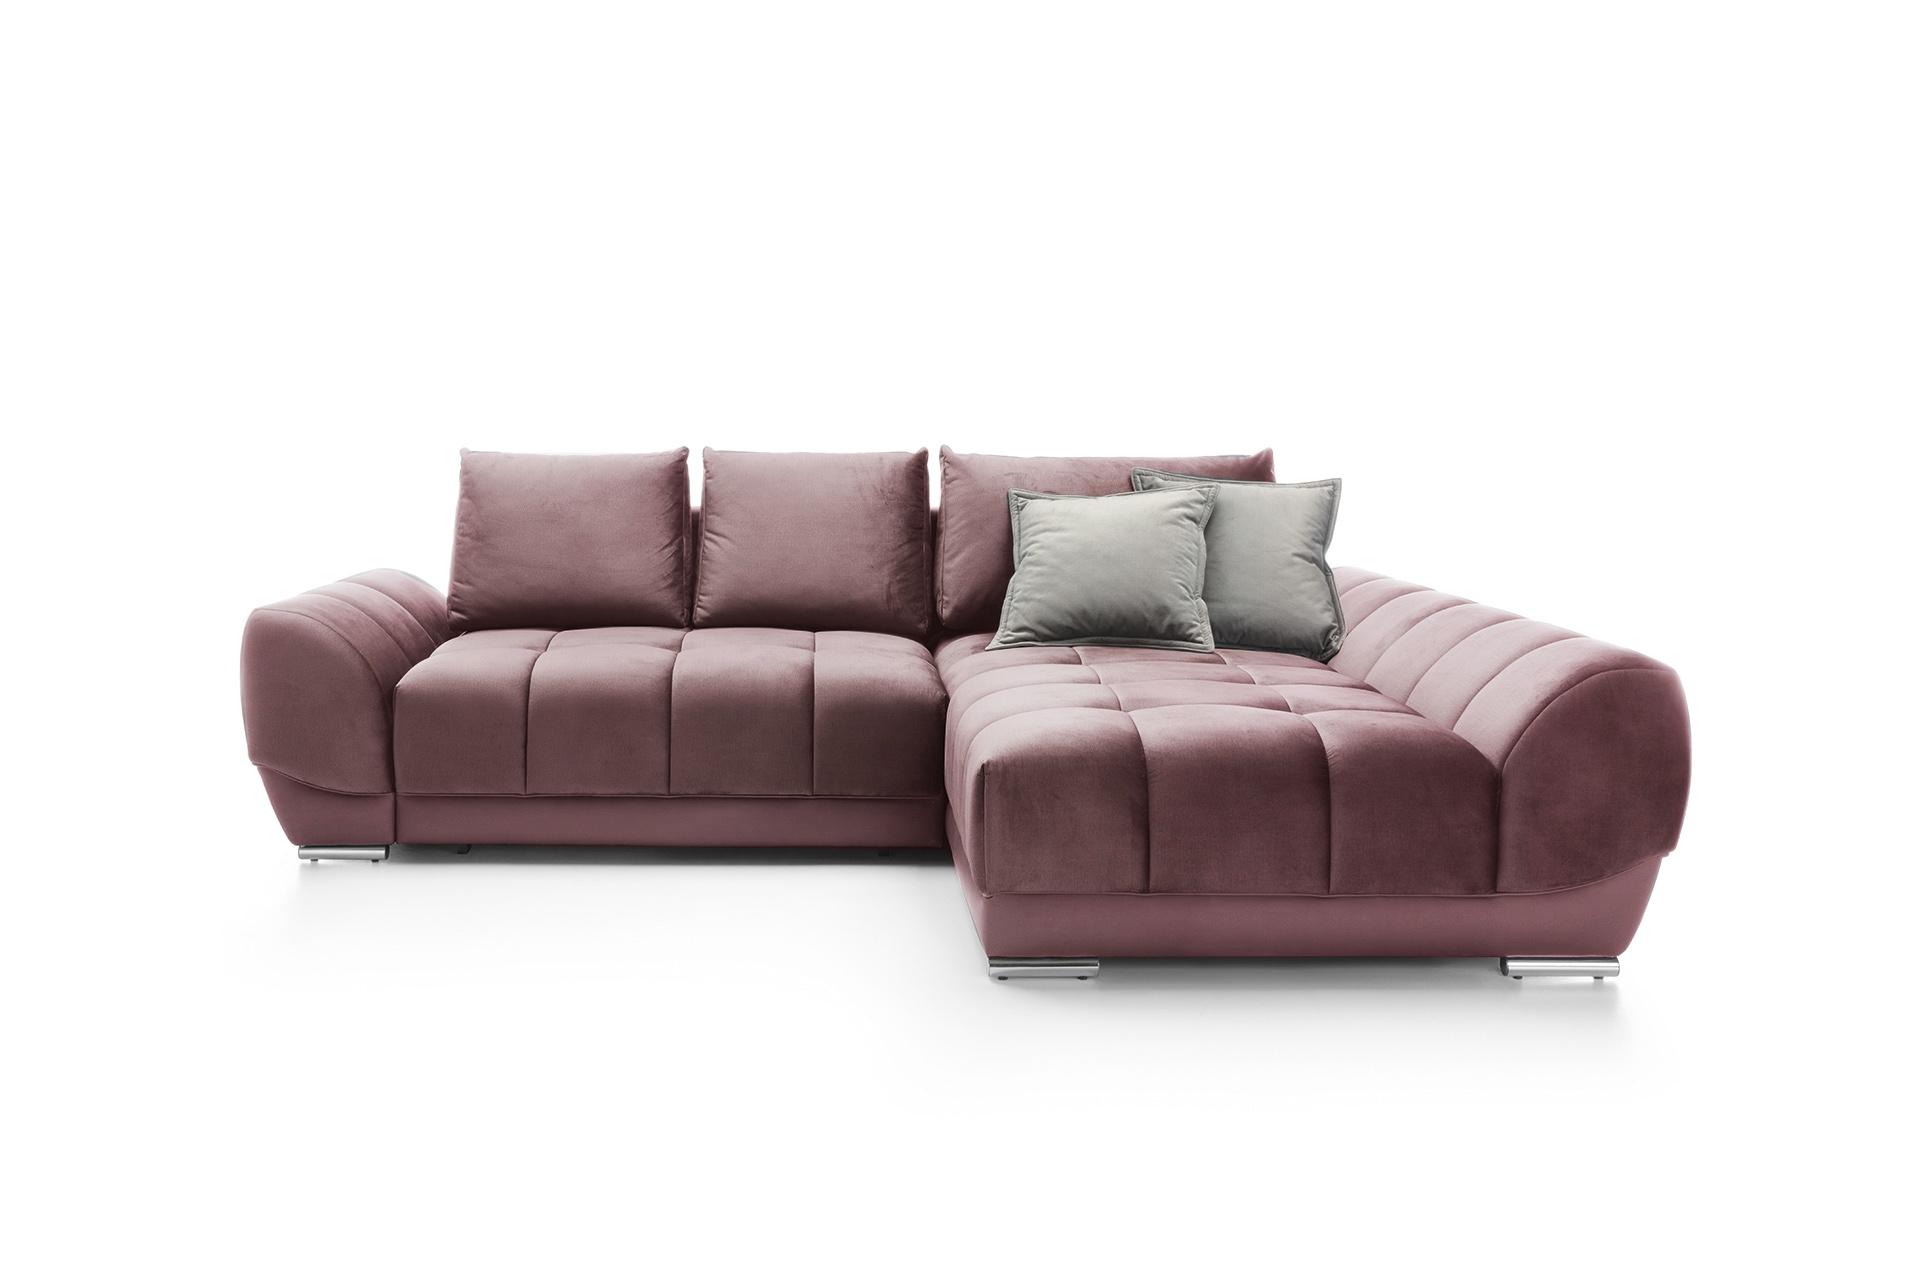 Coltar extensibil cu lada de depozitare, cu sezlong pe dreapta Violet Dark Pink, l290xA192xH76 cm imagine